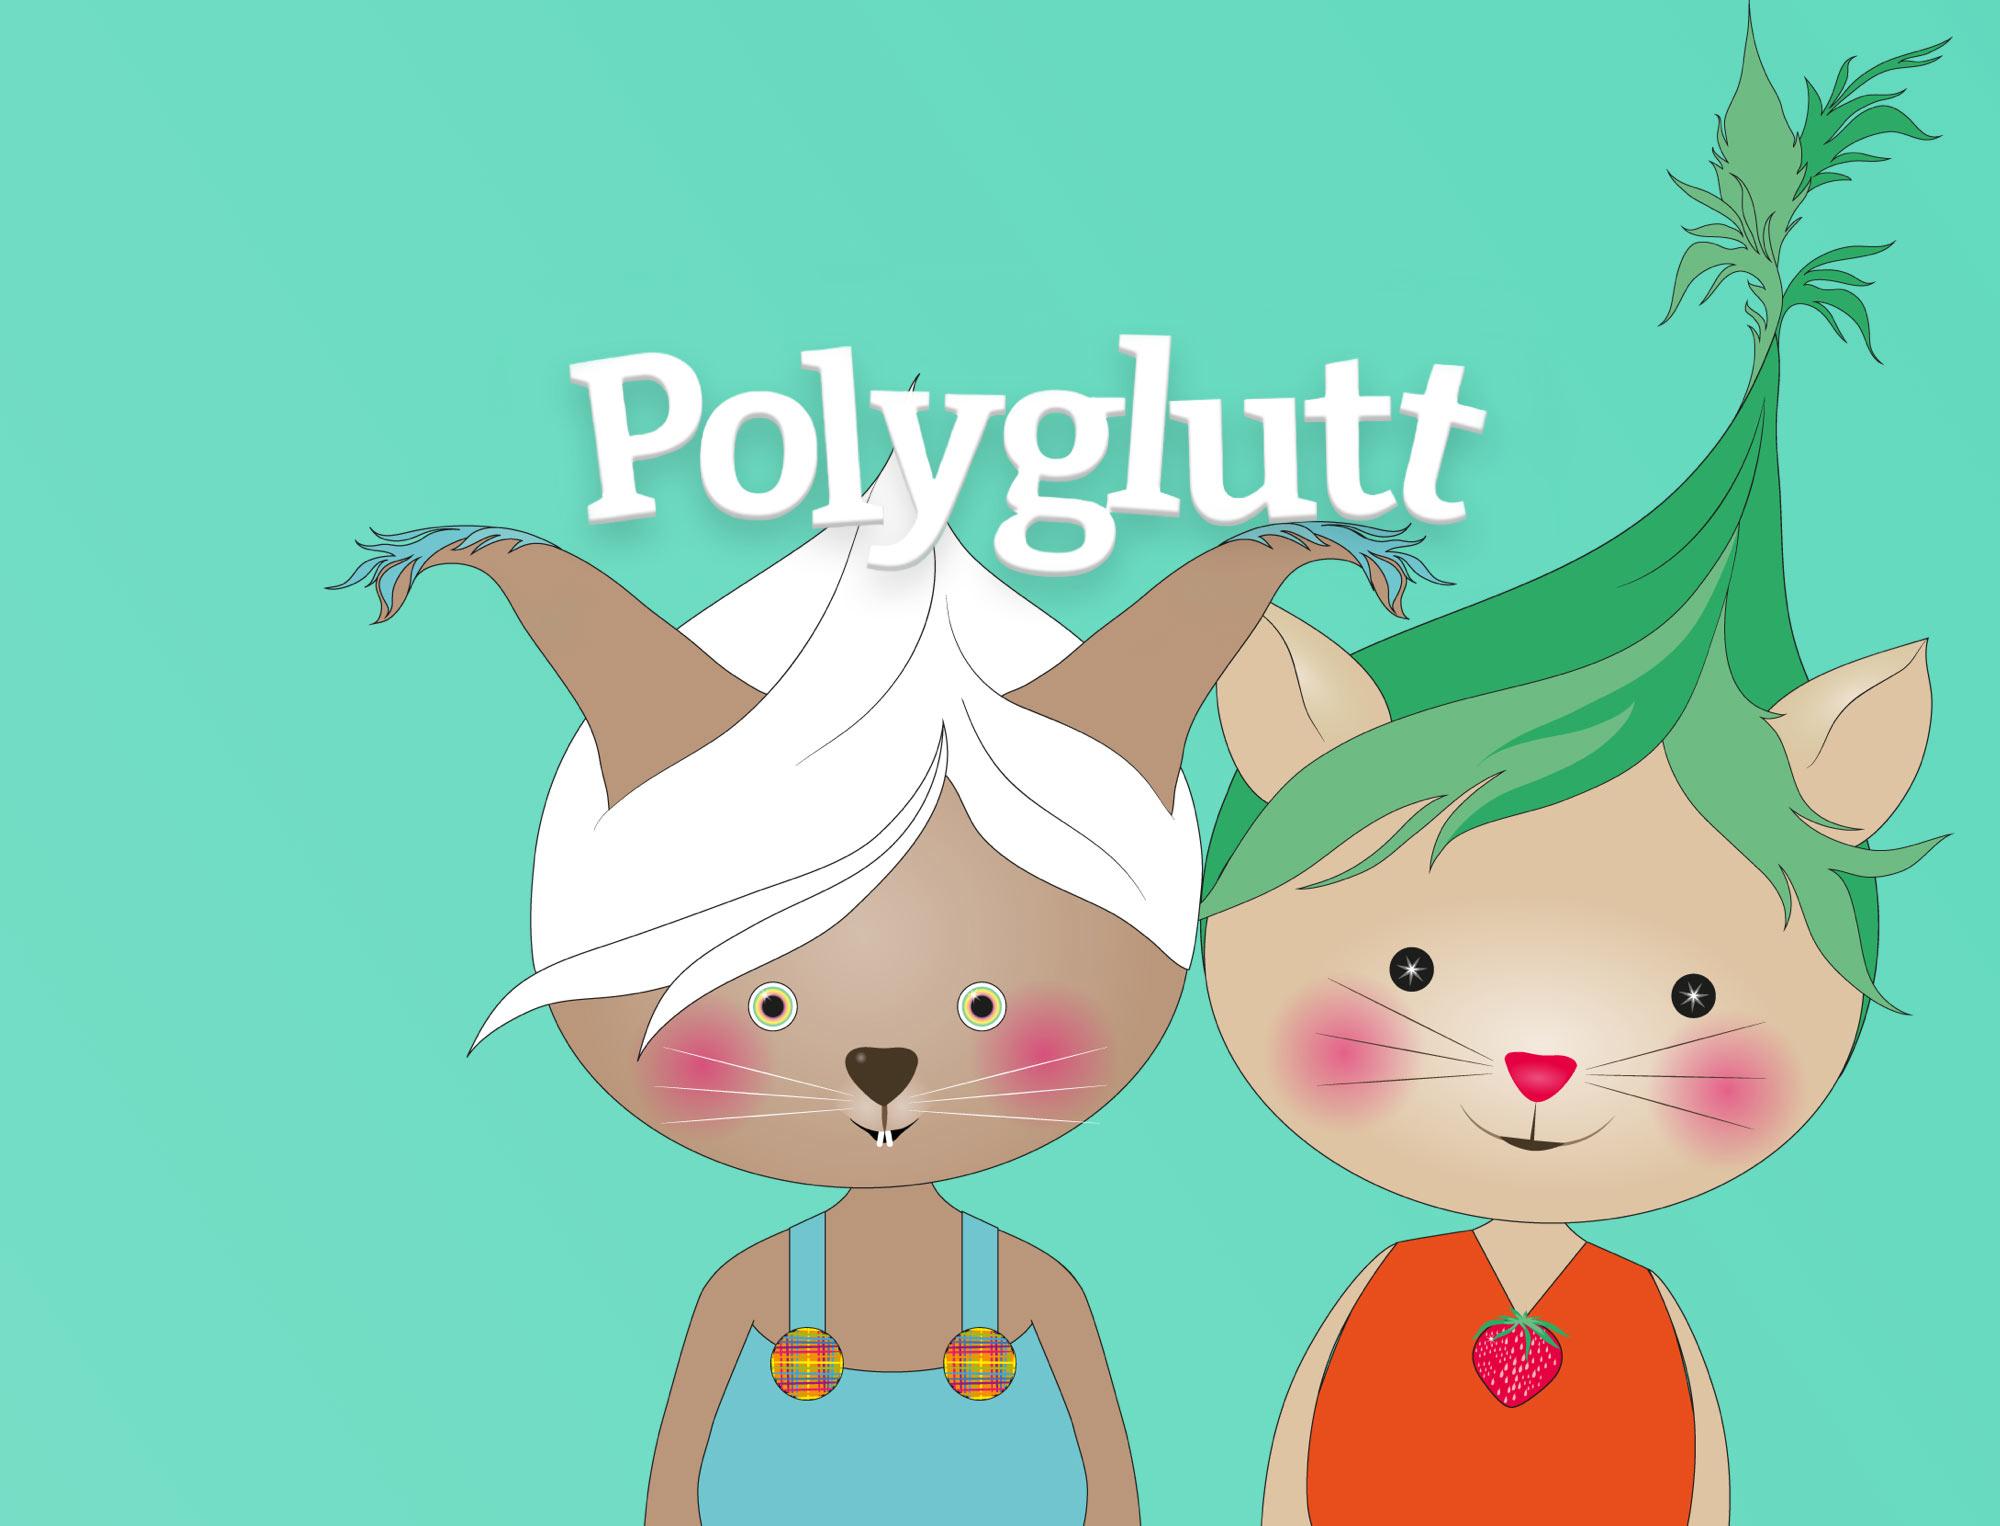 polyglutt, en bilderbokstjänst för förskolan